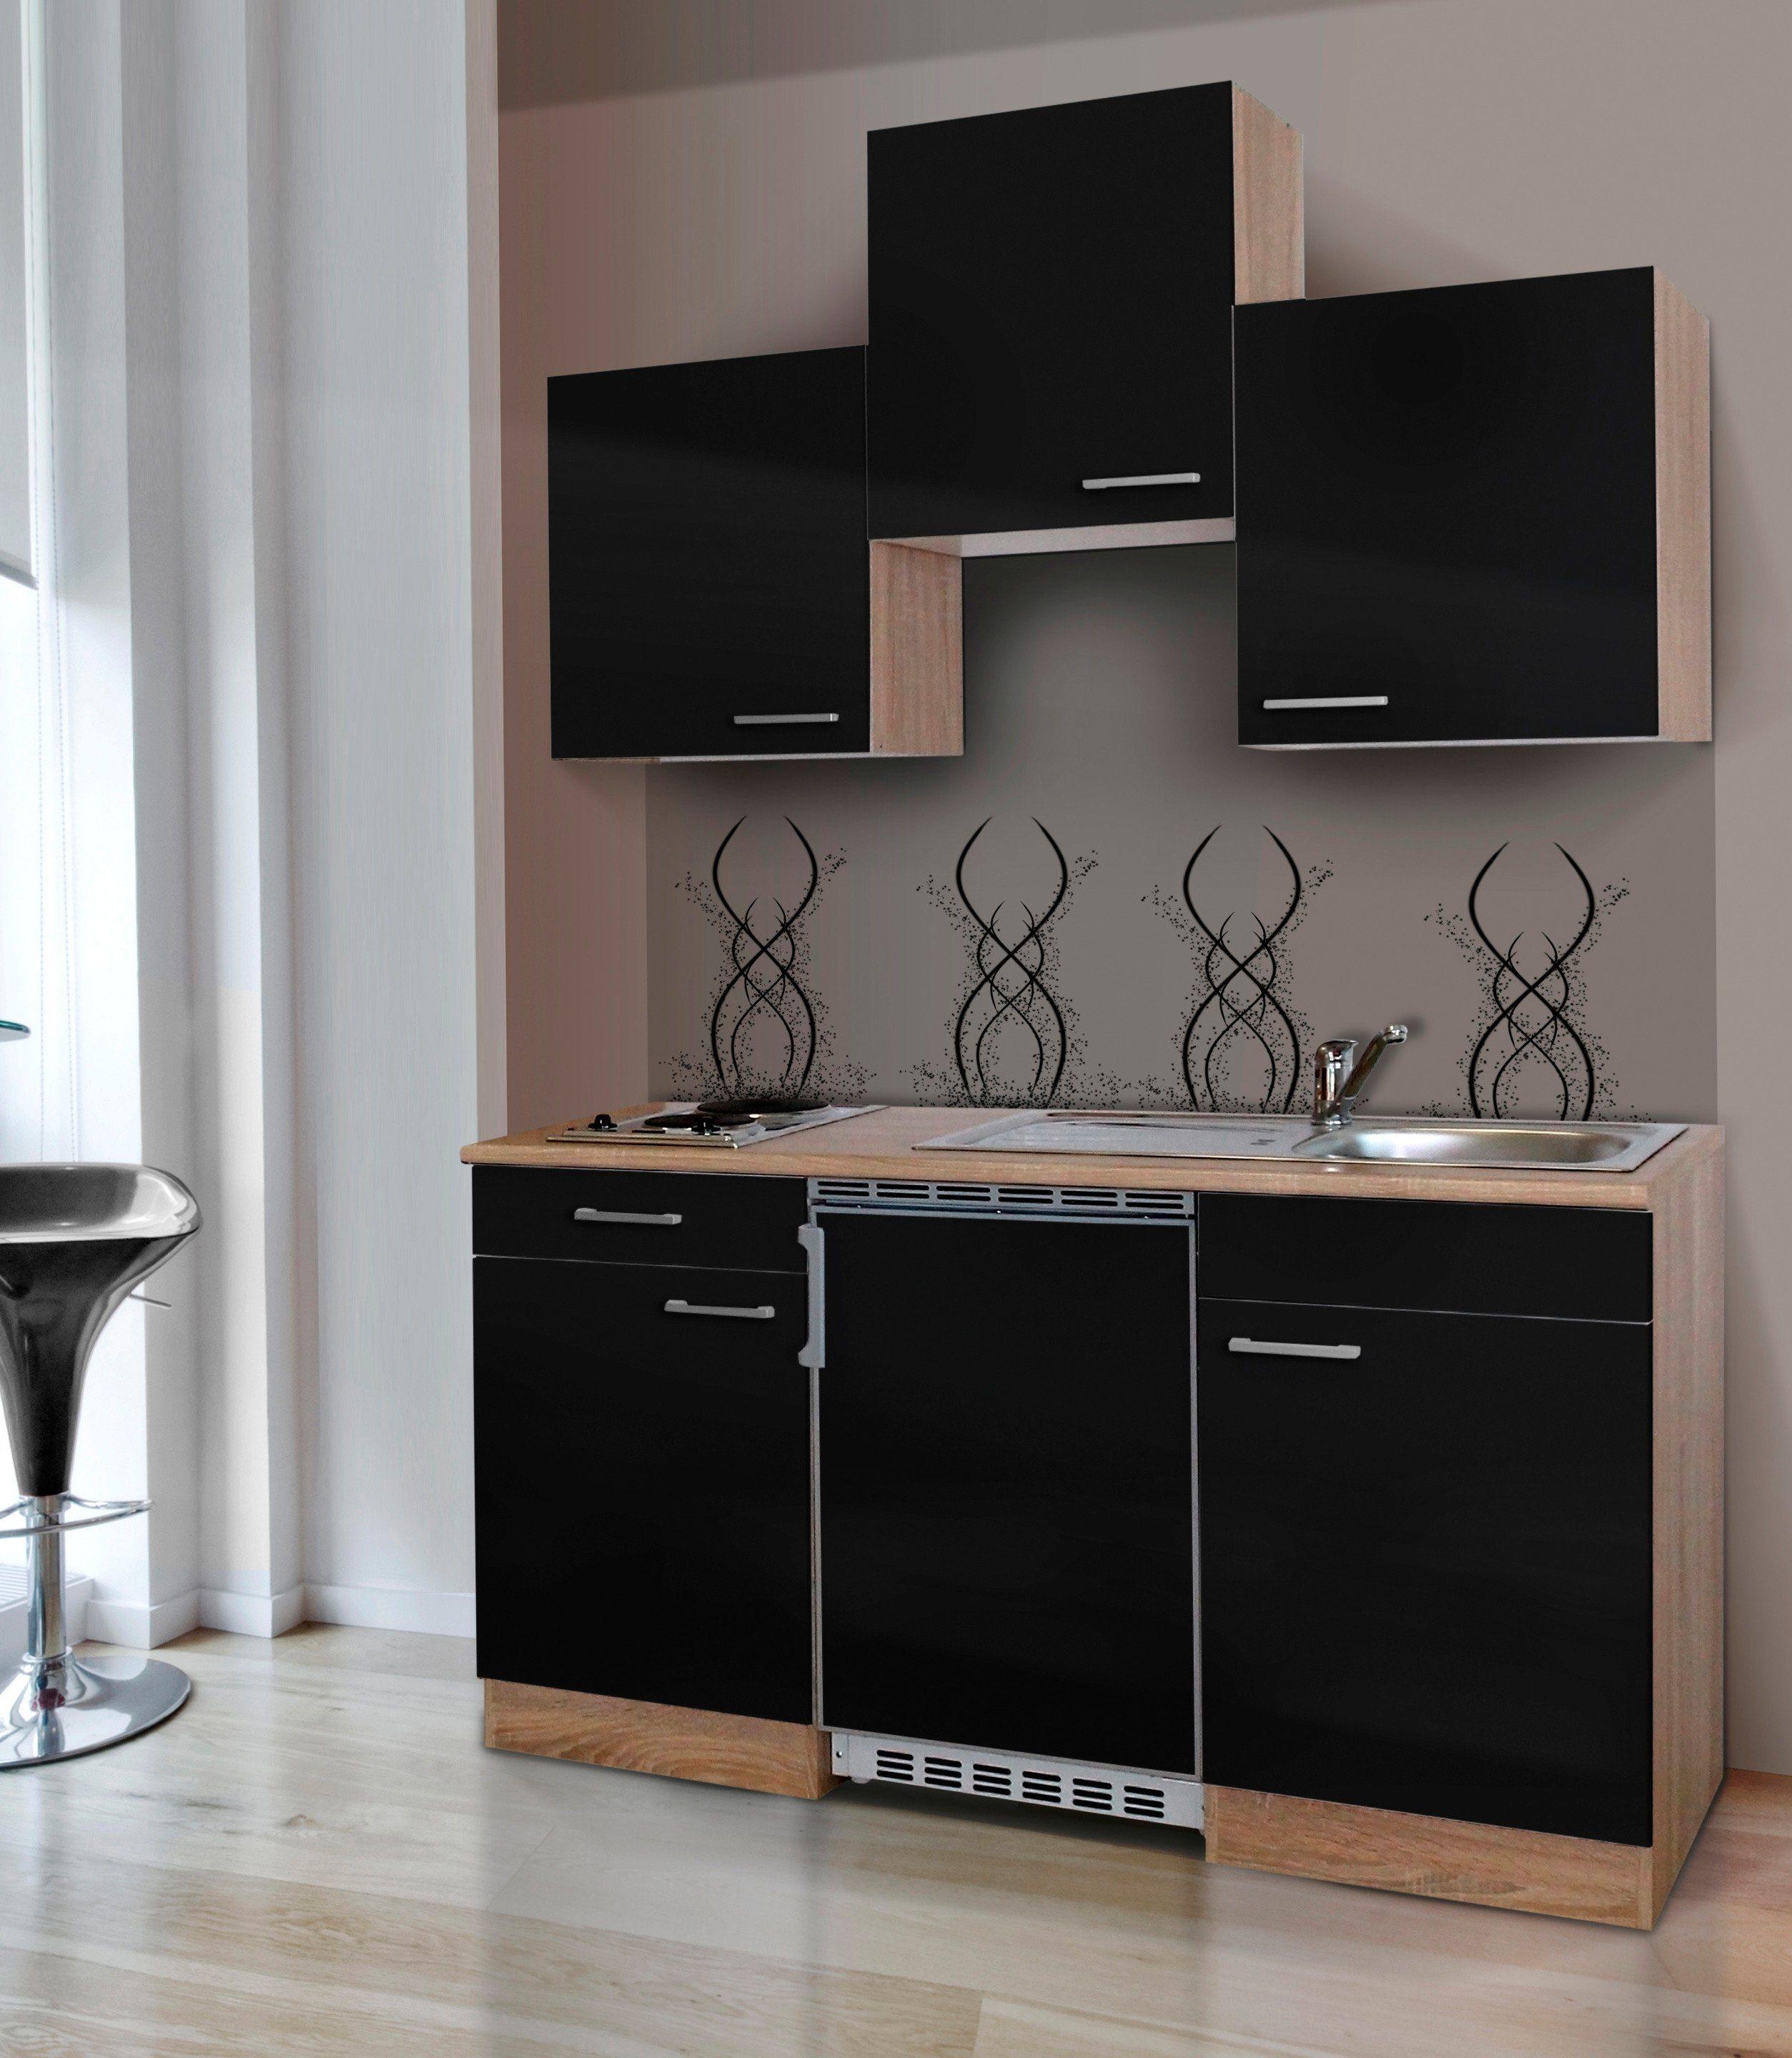 Respekta Miniküche mit E-Geräten, Breite 150 cm   Küche und Esszimmer > Küchen > Miniküchen   Weiß - Schwarz - Rot - Grau - Matt   Holzwerkstoff - Eiche - Kunststoff   RESPEKTA